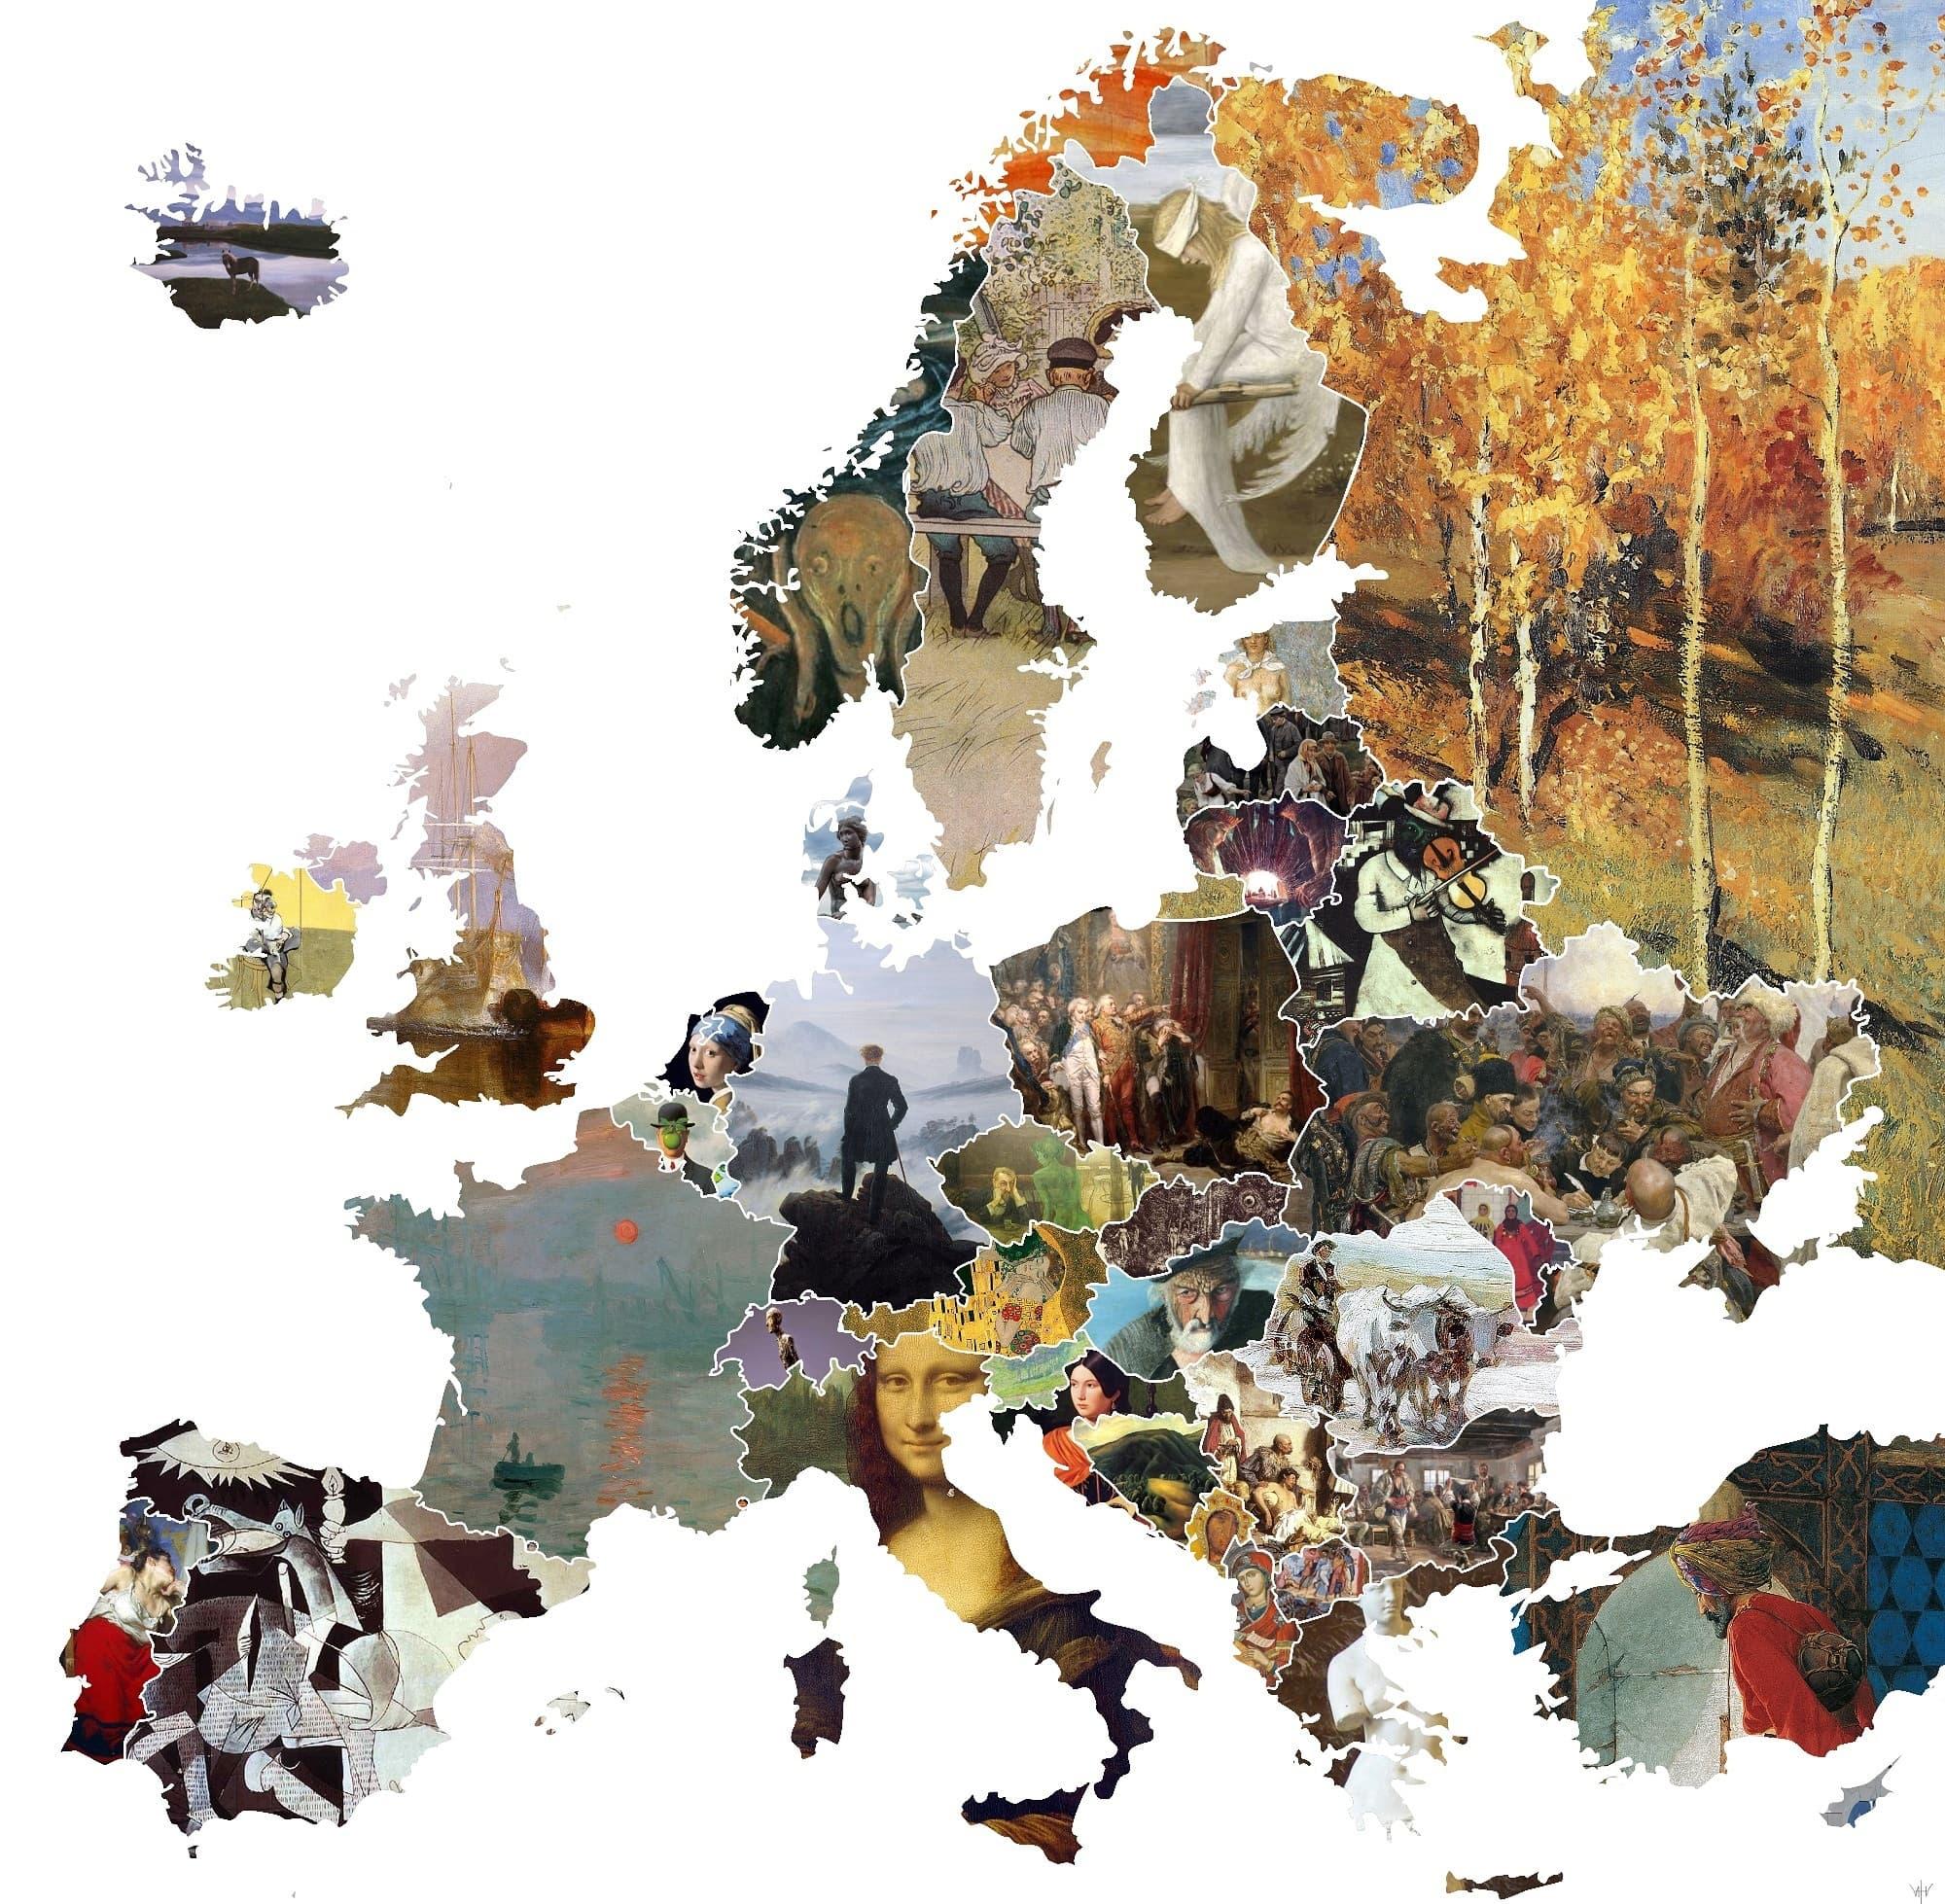 une carte d 39 europe des uvres les plus embl matiques de chaque pays. Black Bedroom Furniture Sets. Home Design Ideas